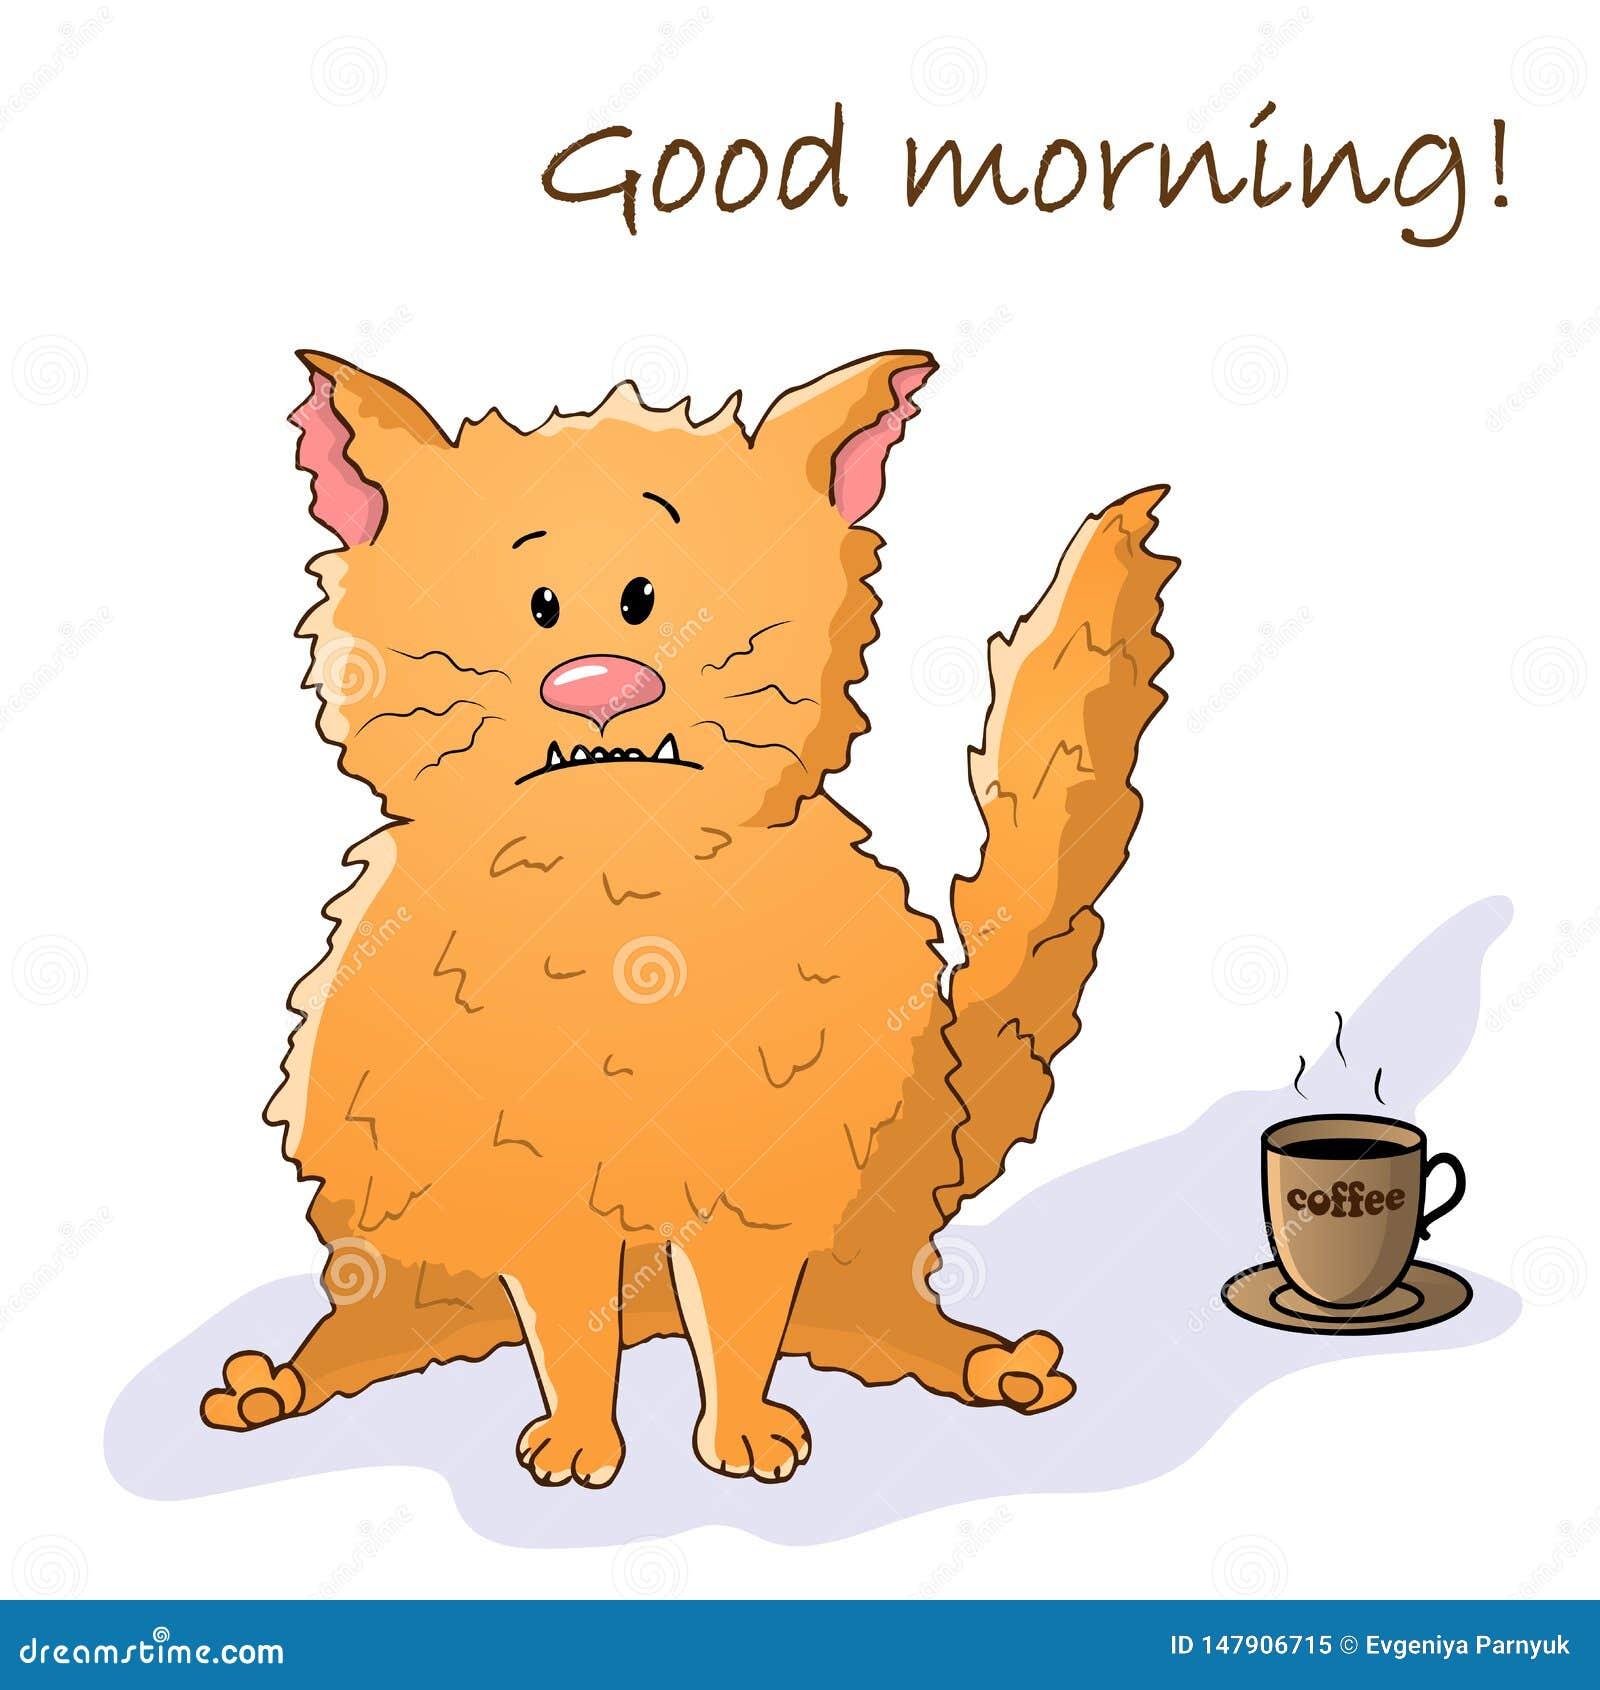 Animale divertente di vettore Gatto pazzo sveglio Cartolina con la frase: Buongiorno Gatto con una tazza di caff? oggetto isolato